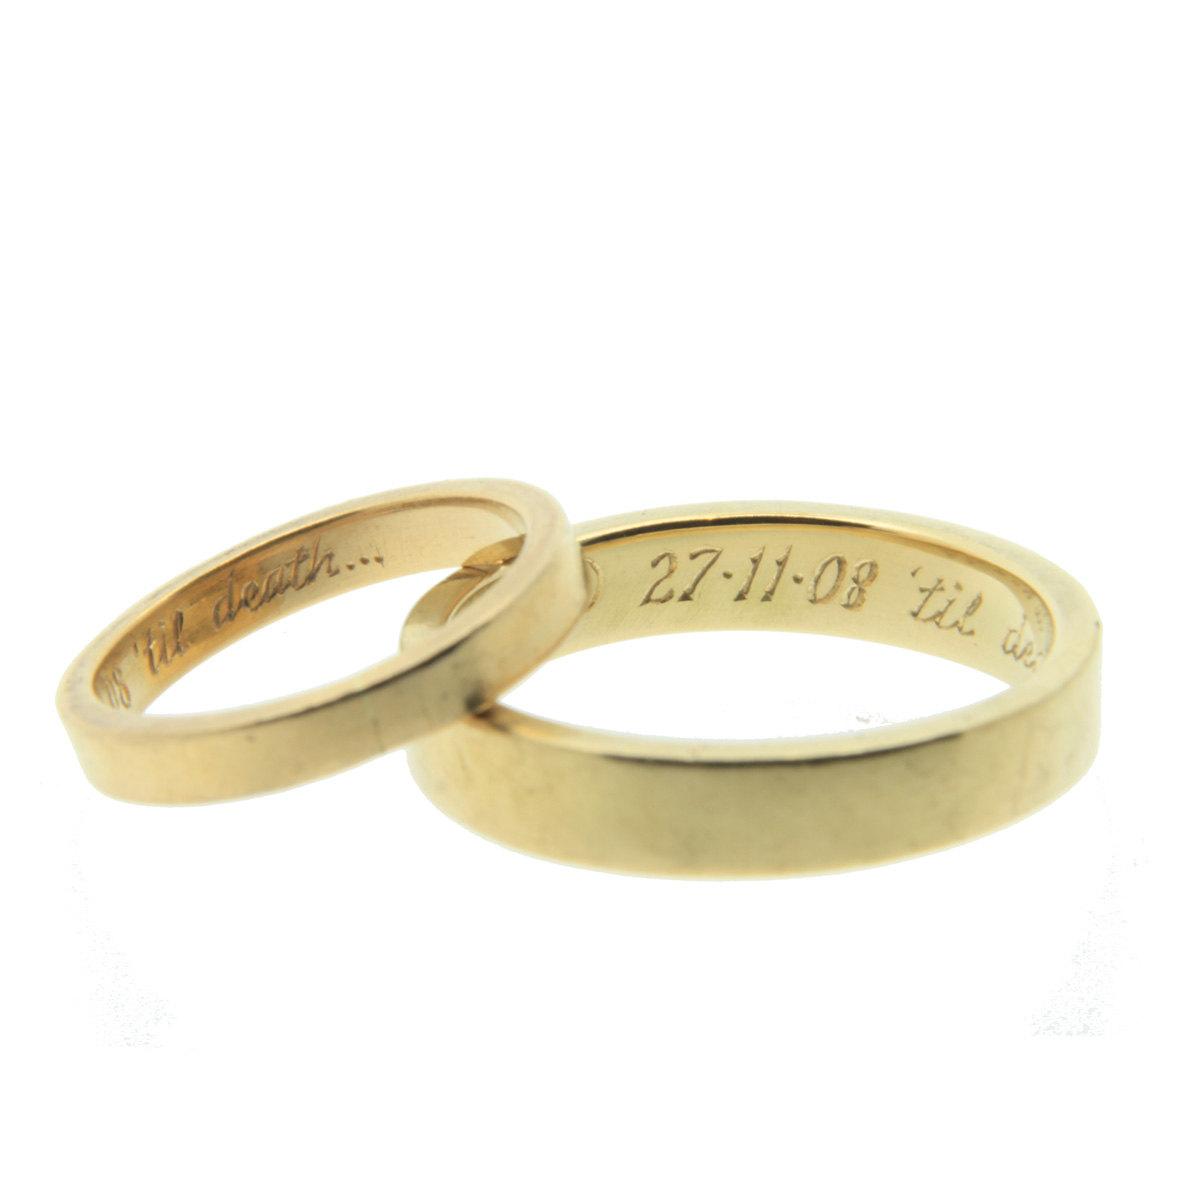 wedding ring engraving wedding ring ideas Wedding Ring Engraving MessagesWedding Rings